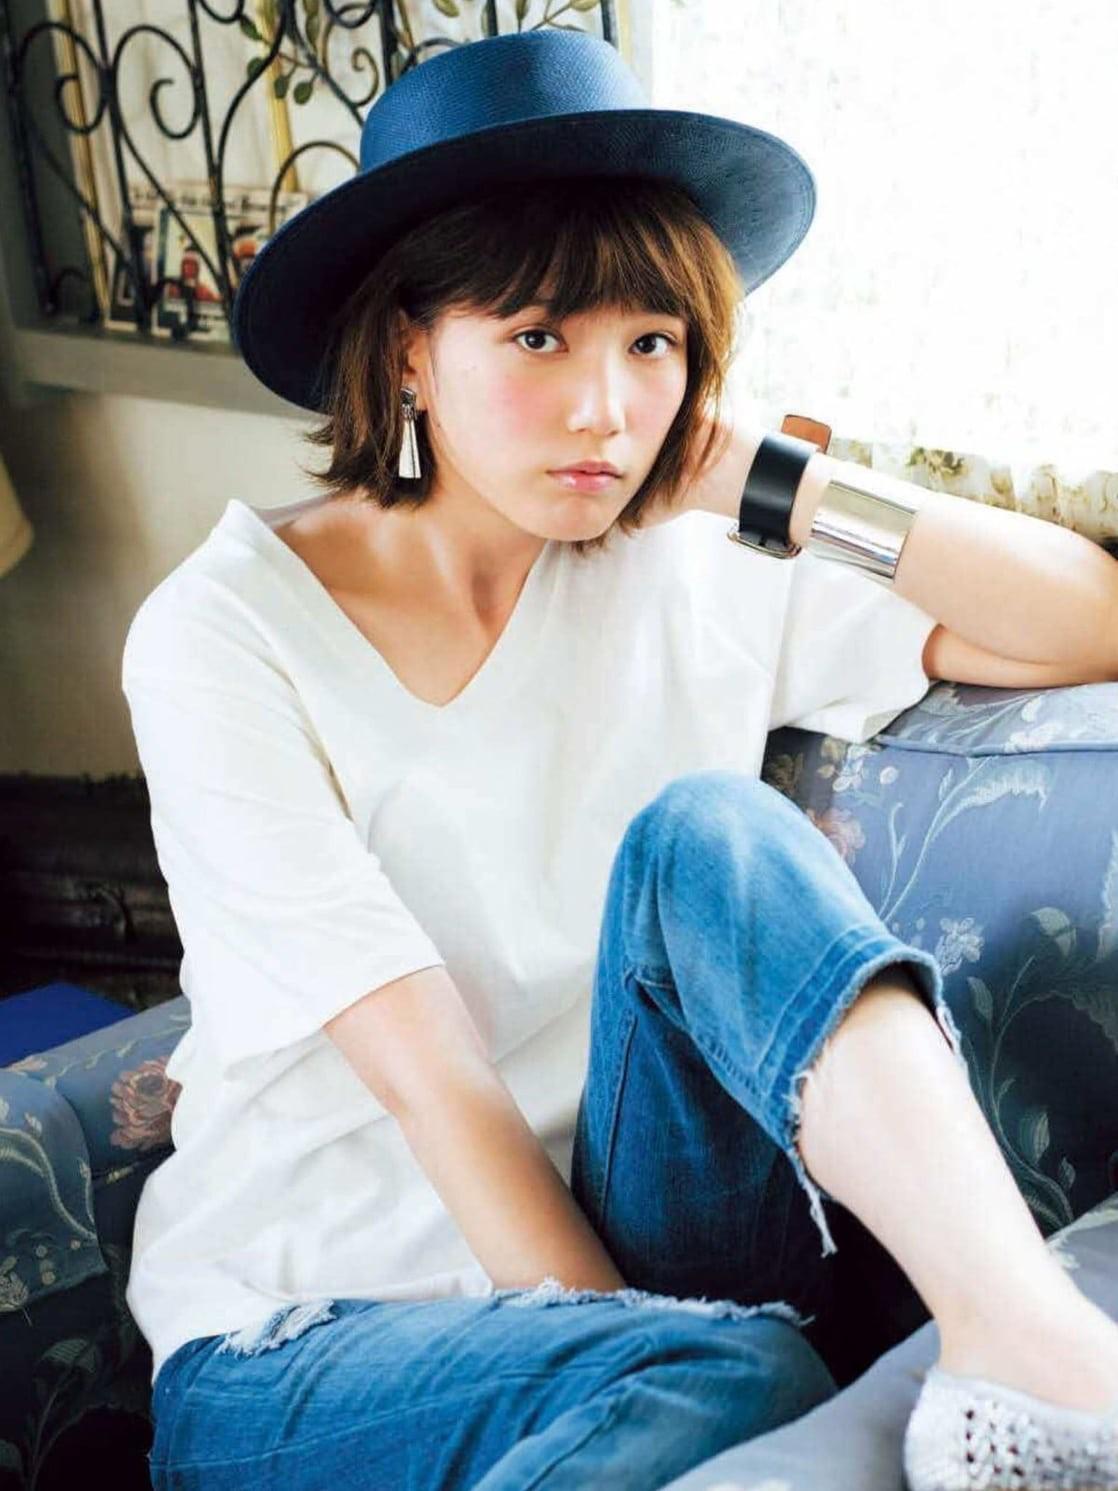 VZN News: 5 mỹ nhân tóc ngắn hot nhất Jbiz: Đây chính là lý do vẻ đẹp ngây thơ, trong sáng của con gái Nhật là thiên hạ vô địch - Ảnh 14.